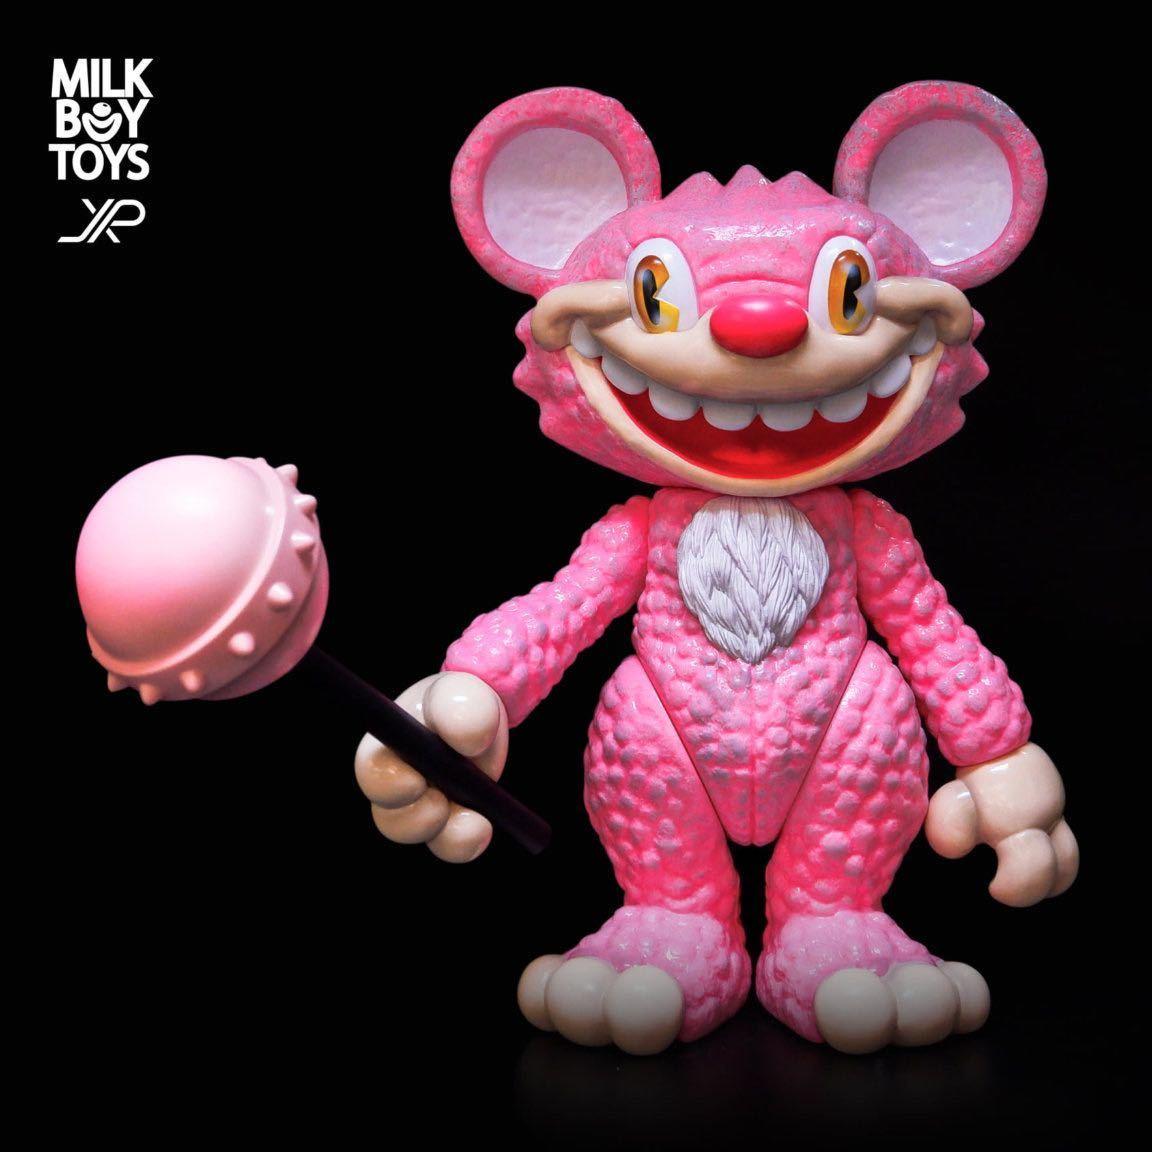 新品 JPX x MILKBOY TOYS IT BEAR the animated TOYS itbear kenth toy works BLACK PEARLS イットベアー ミルクボーイトイズ ソフビ_画像1